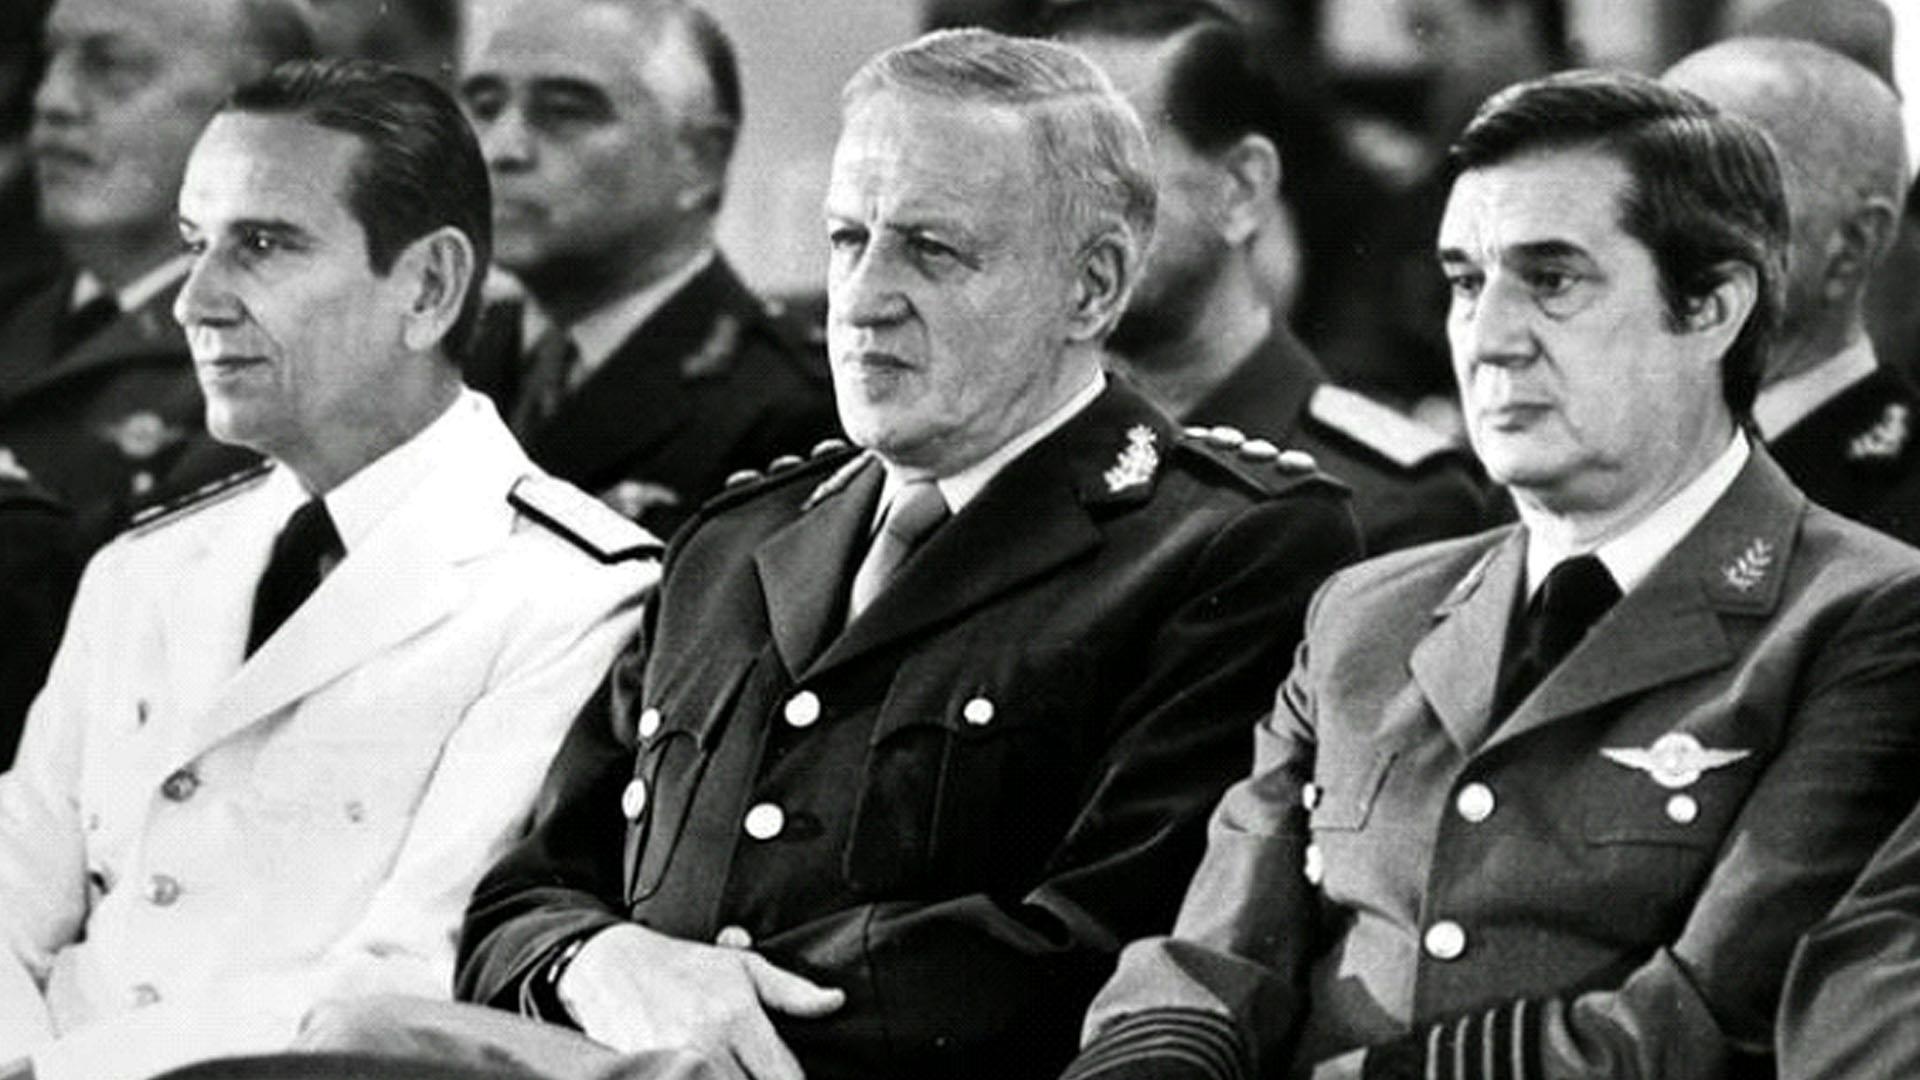 (La Junta militar. A la derecha, el Brigadier Lami Dozo)